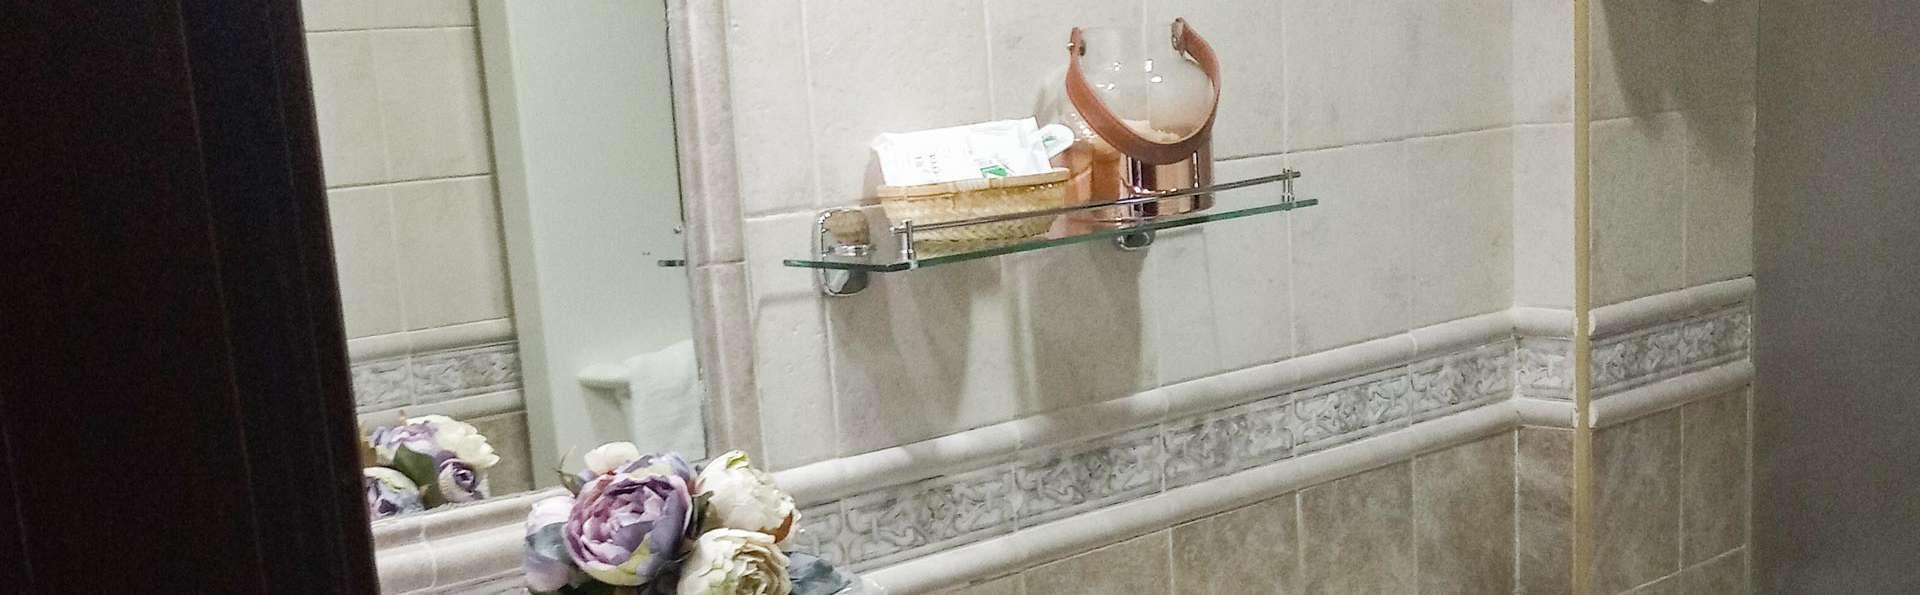 Hotel El Guerra - EDIT_BATHROOM_02.jpg